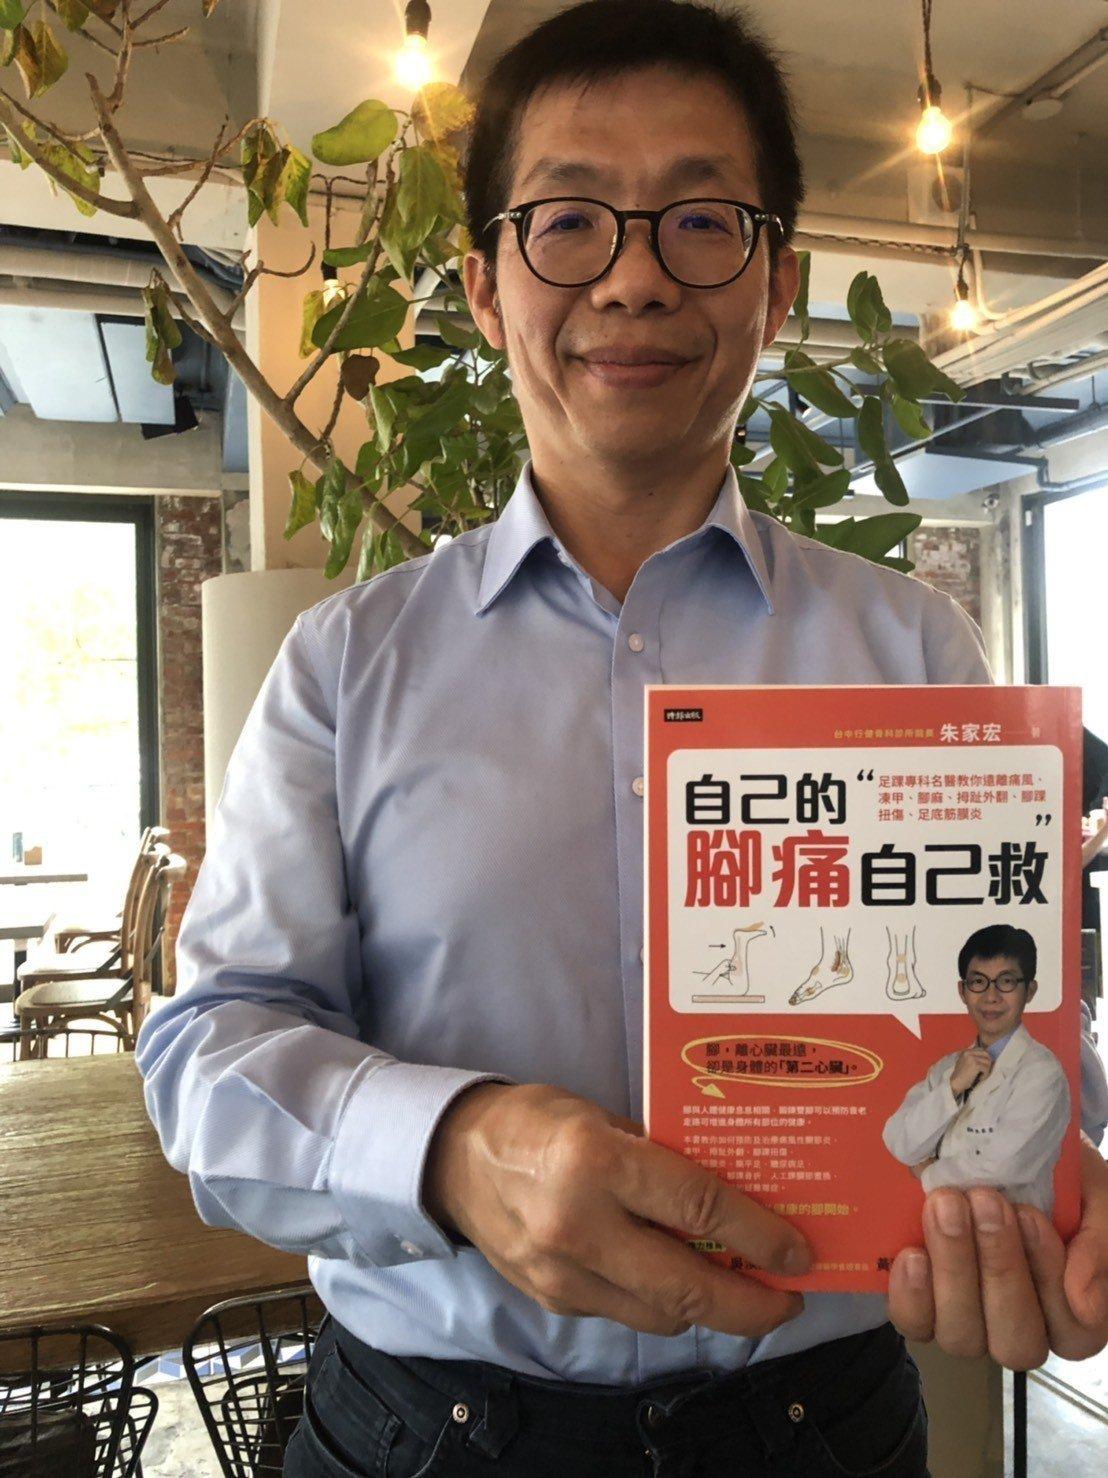 足踝專科醫師朱家宏表示,糖尿病患者穿襪子宜以白色或淺色為主,才能用眼睛觀察到足部...